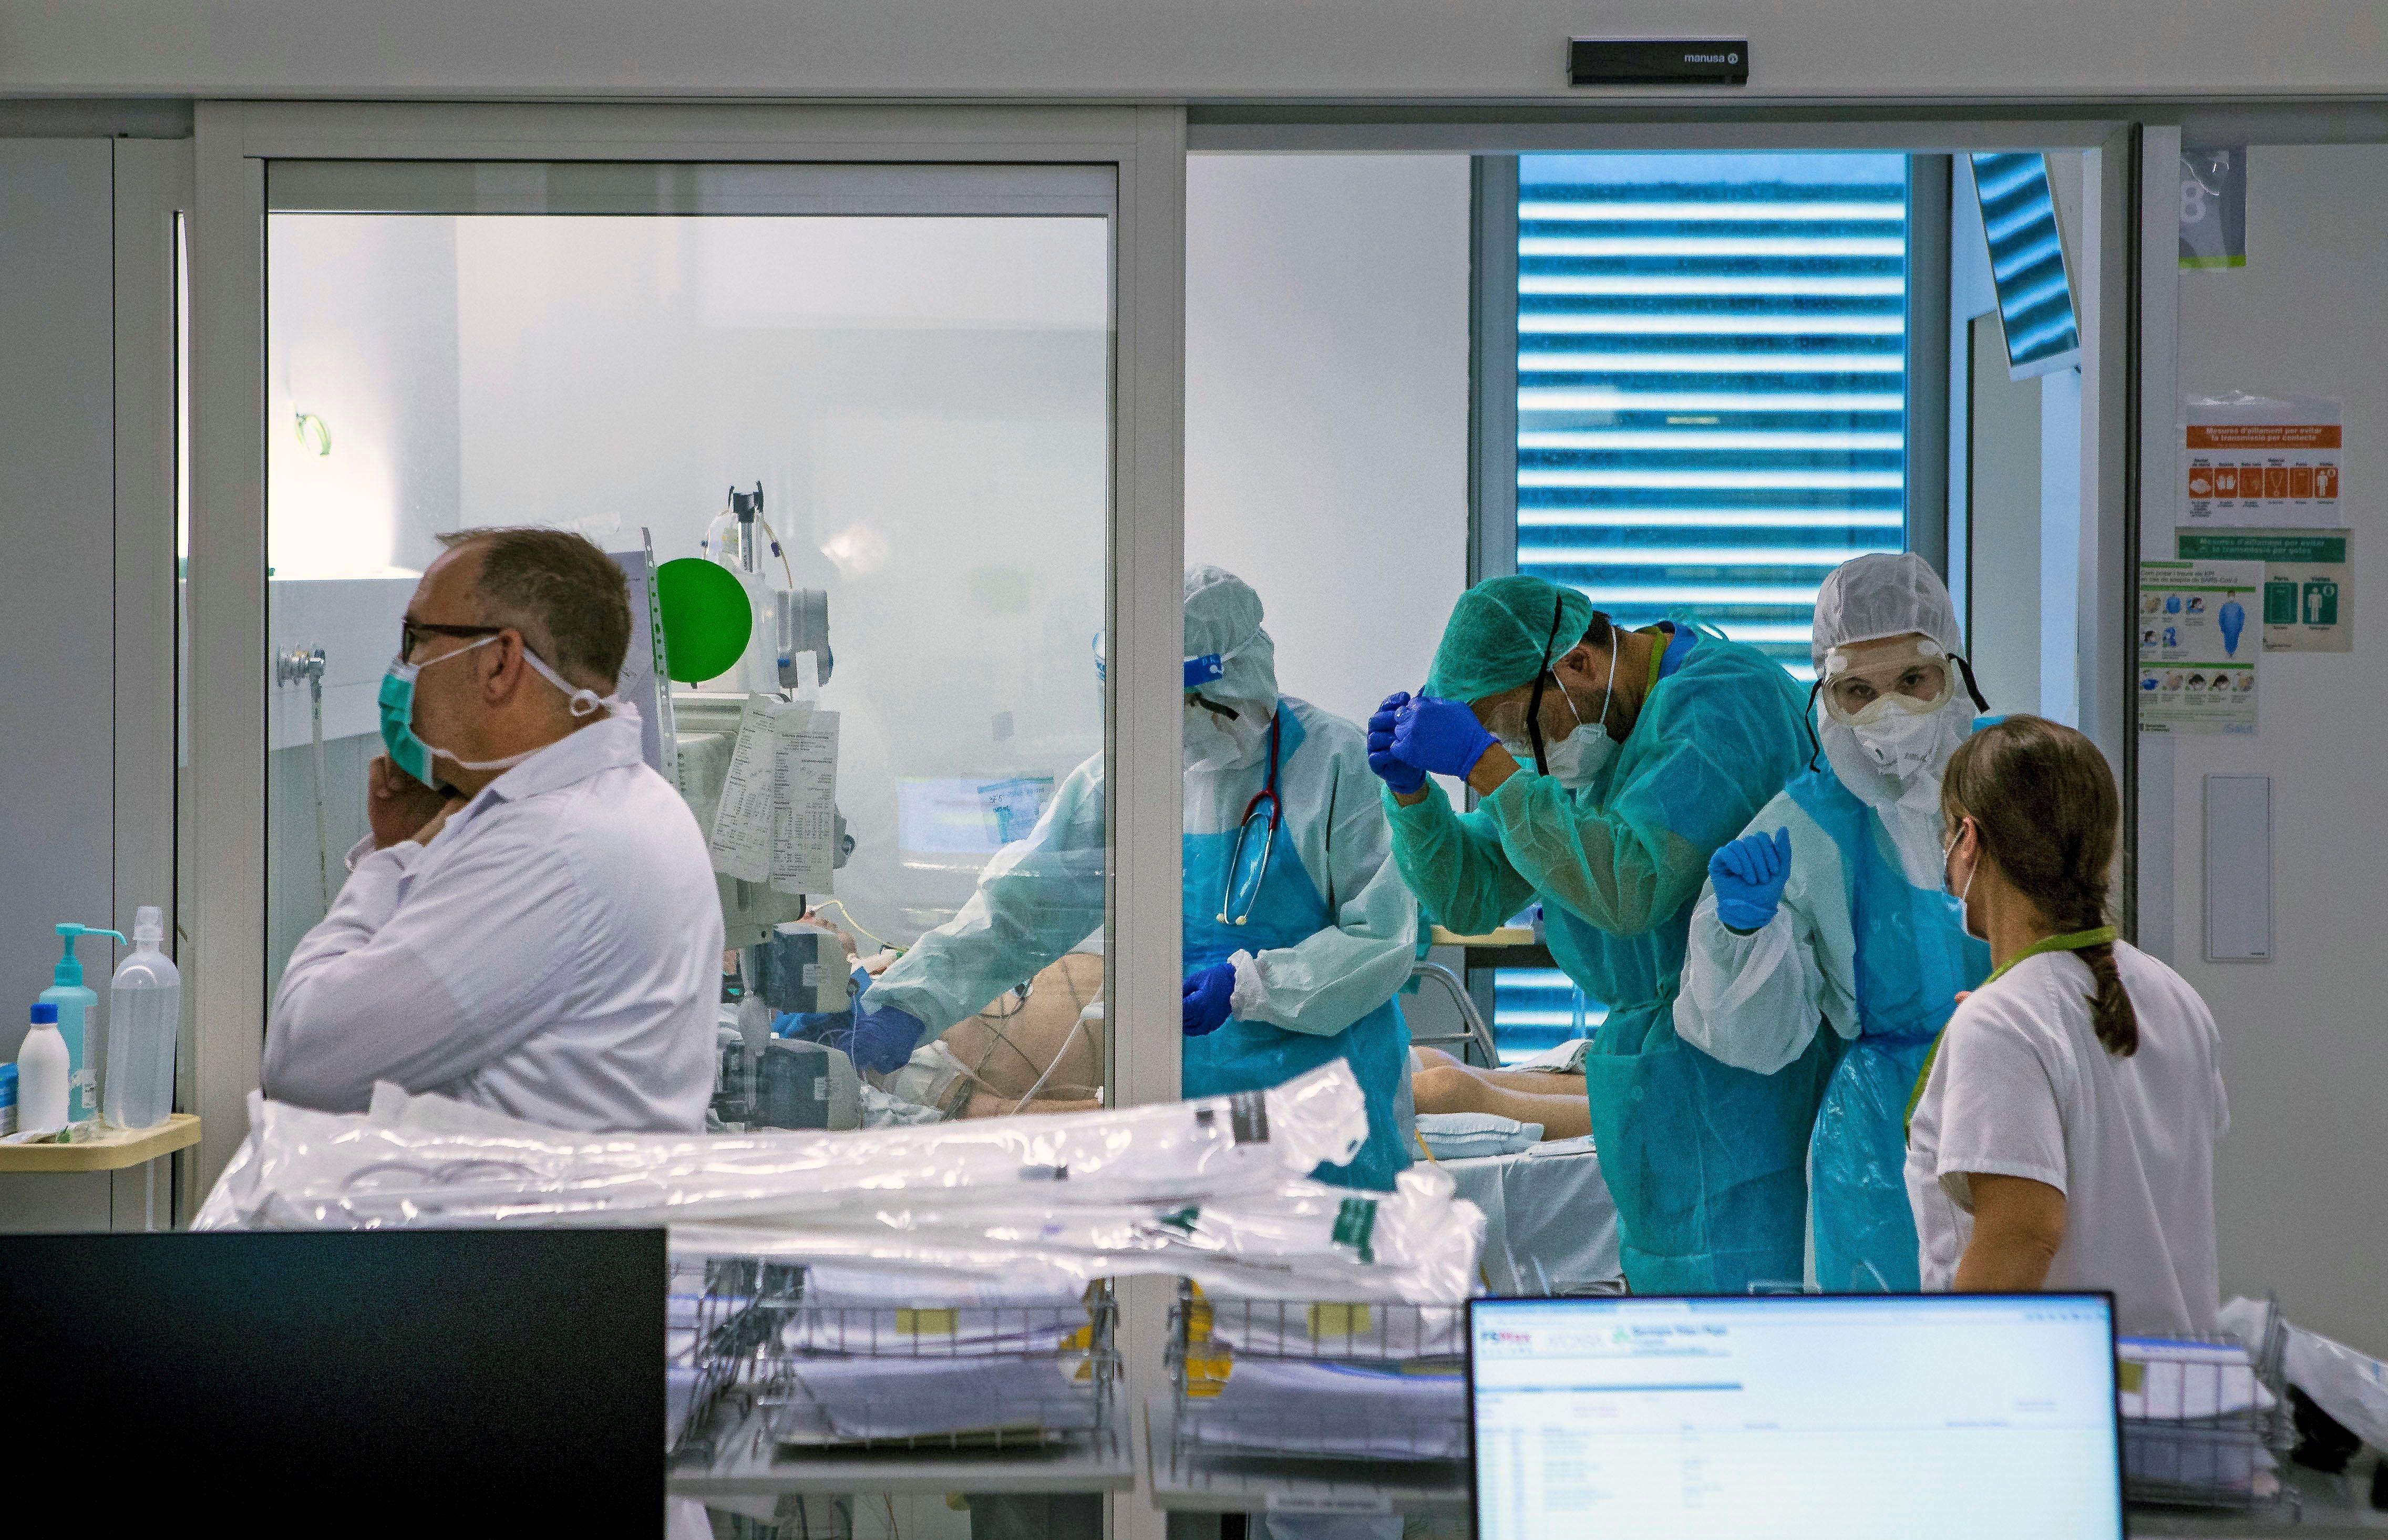 España bate récord de casos diarios de Covid-19, casi 39.000